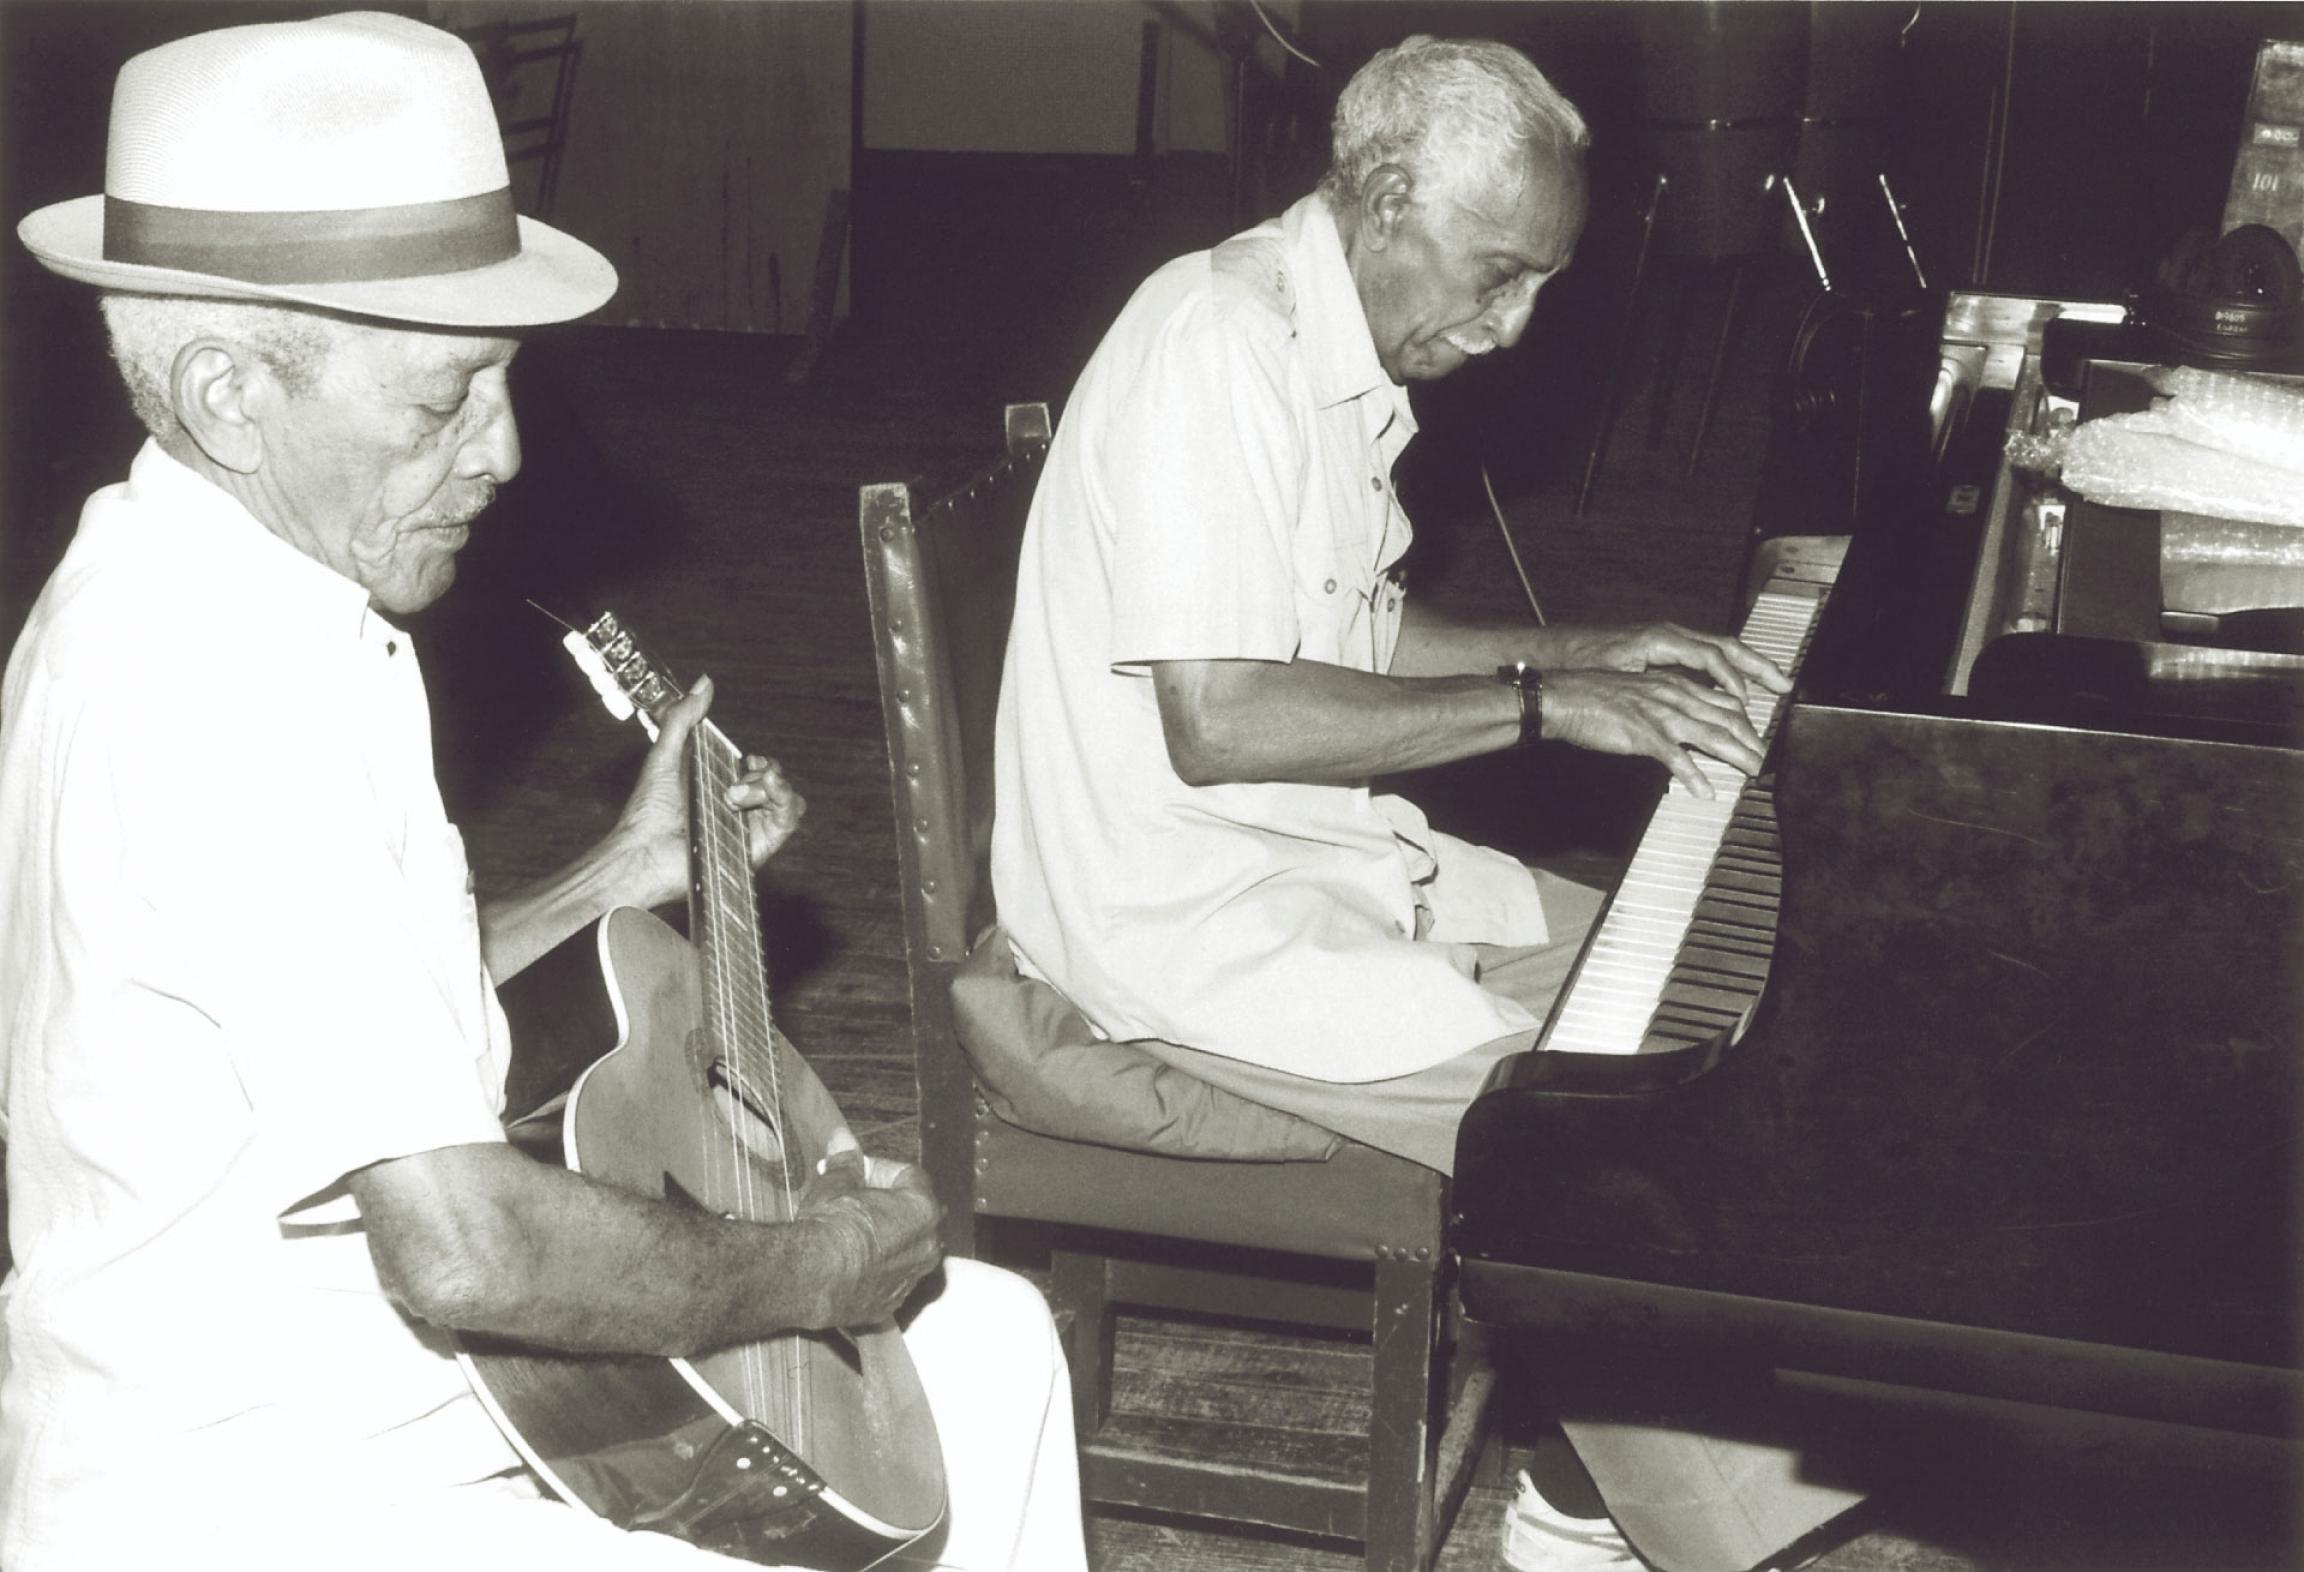 Compay Segundo and Rubén González rehearse together.